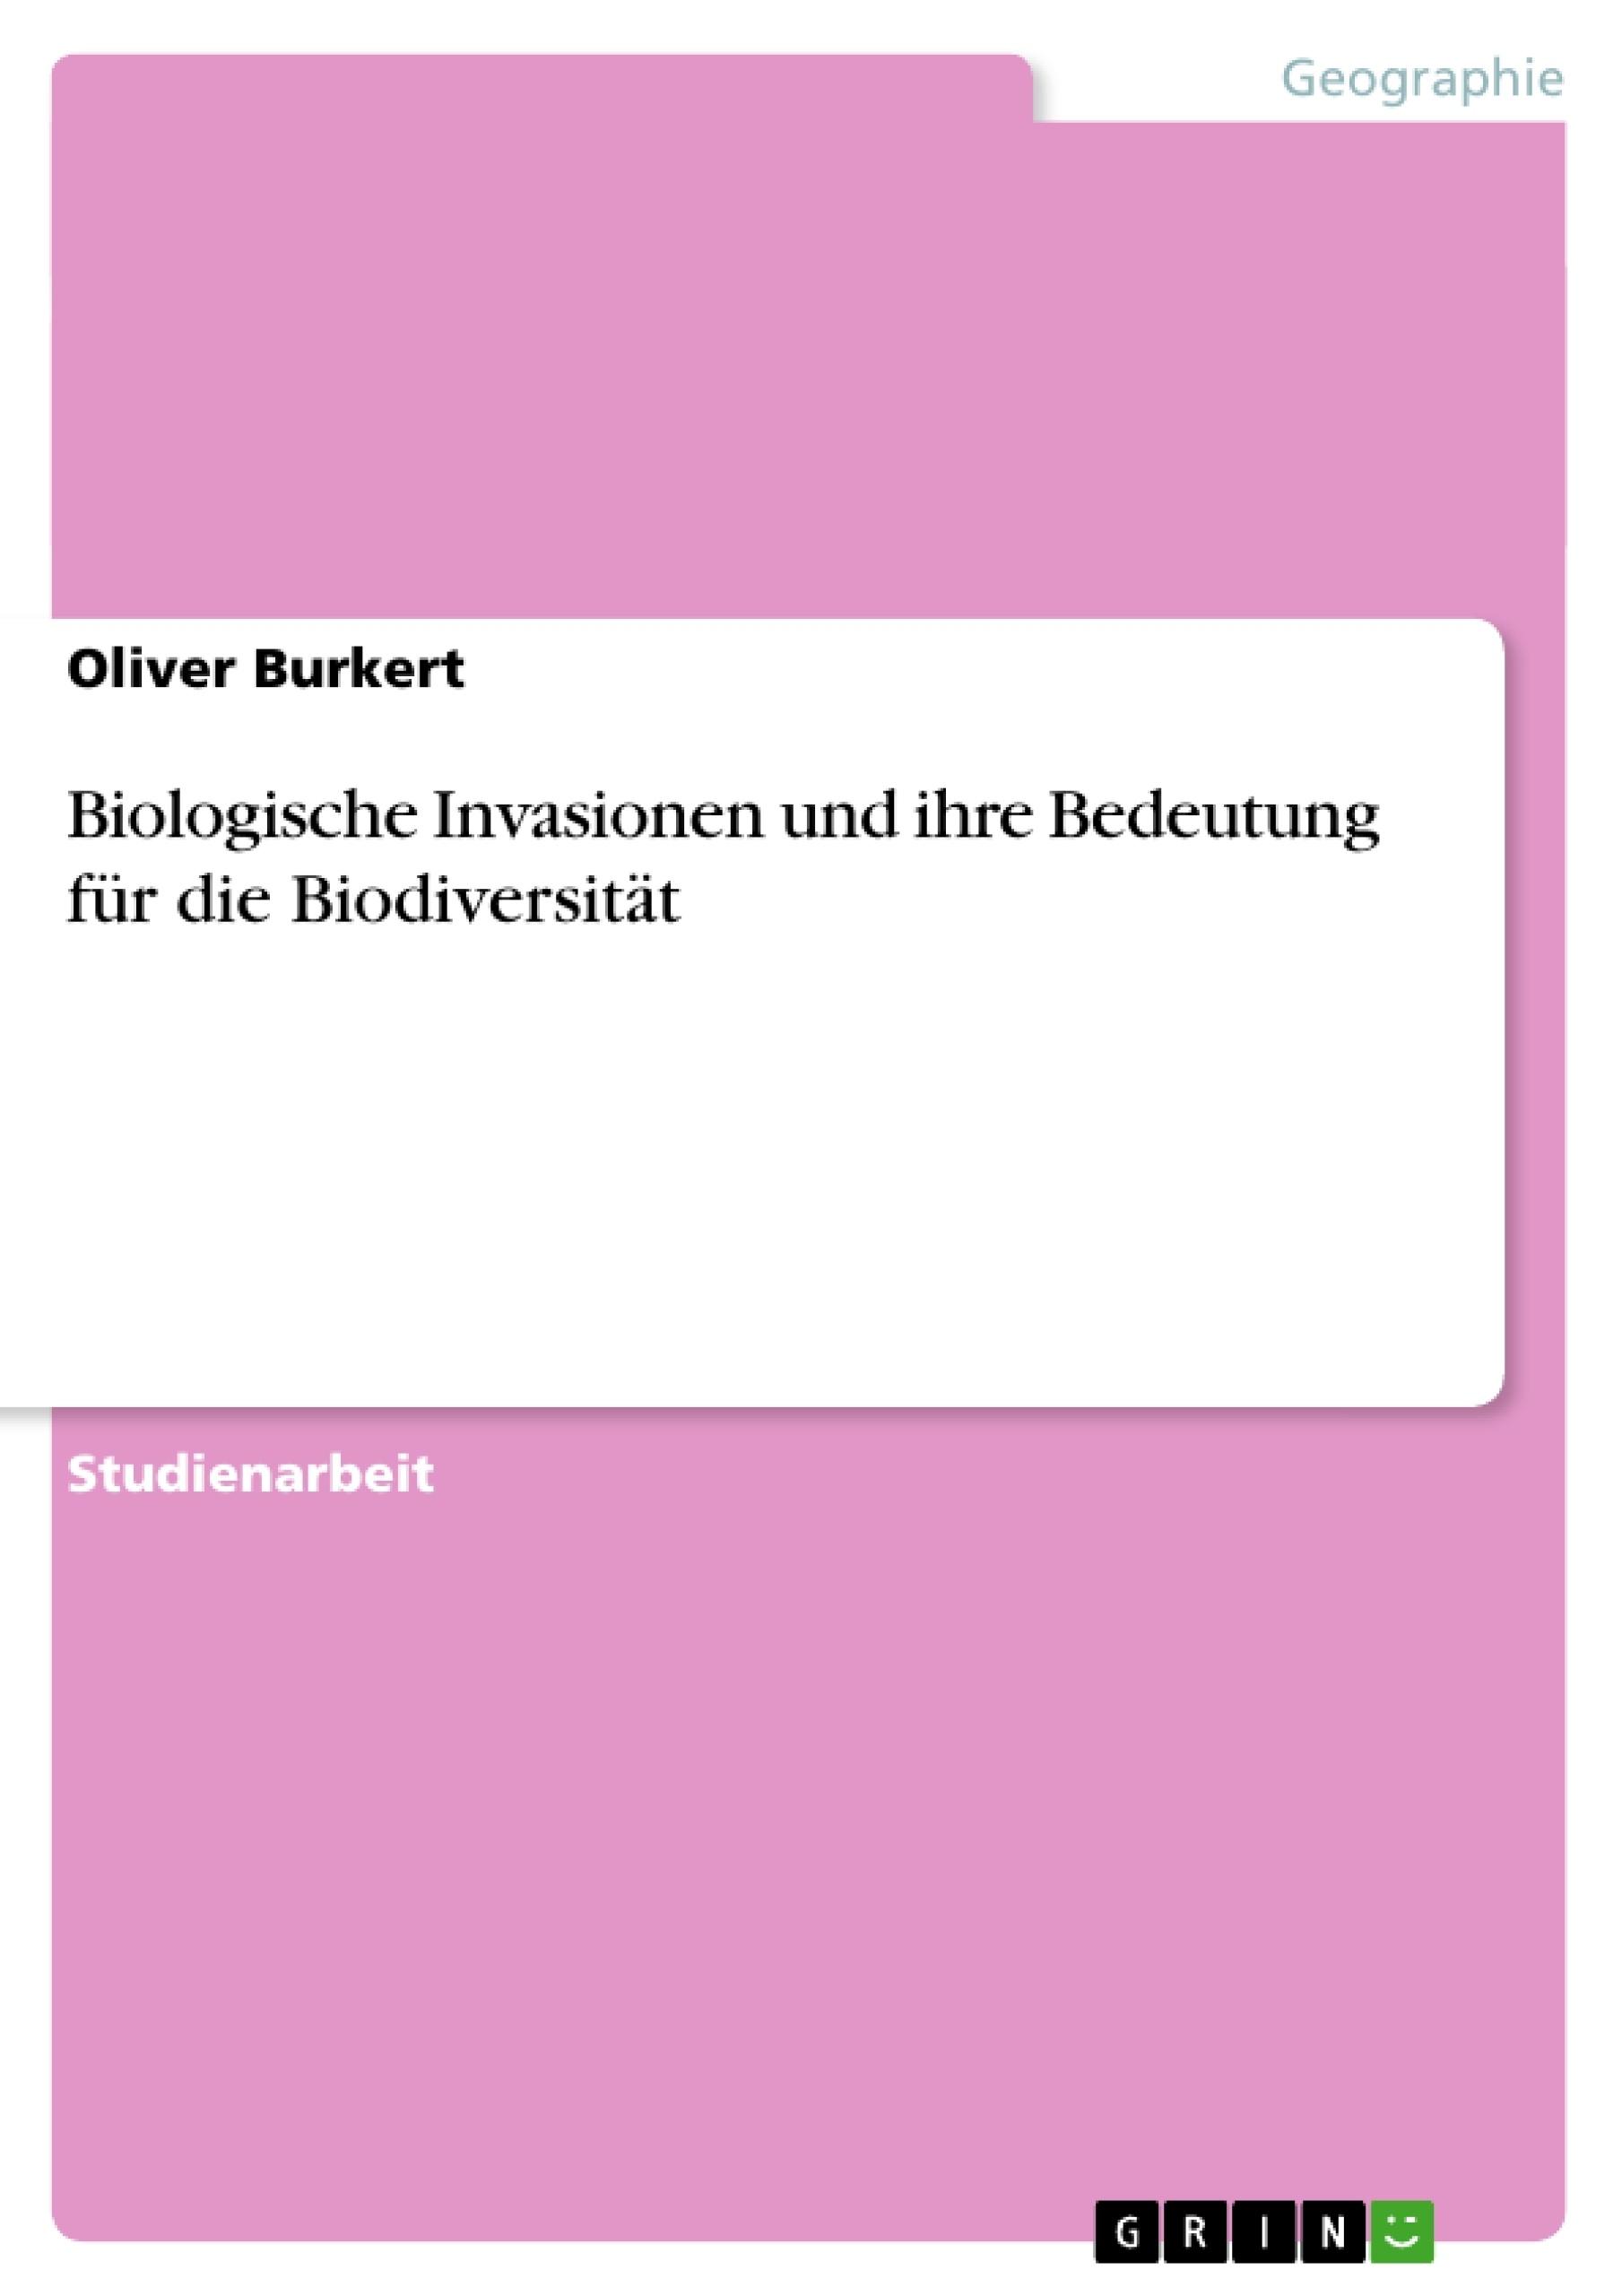 Titel: Biologische Invasionen und ihre Bedeutung für die Biodiversität